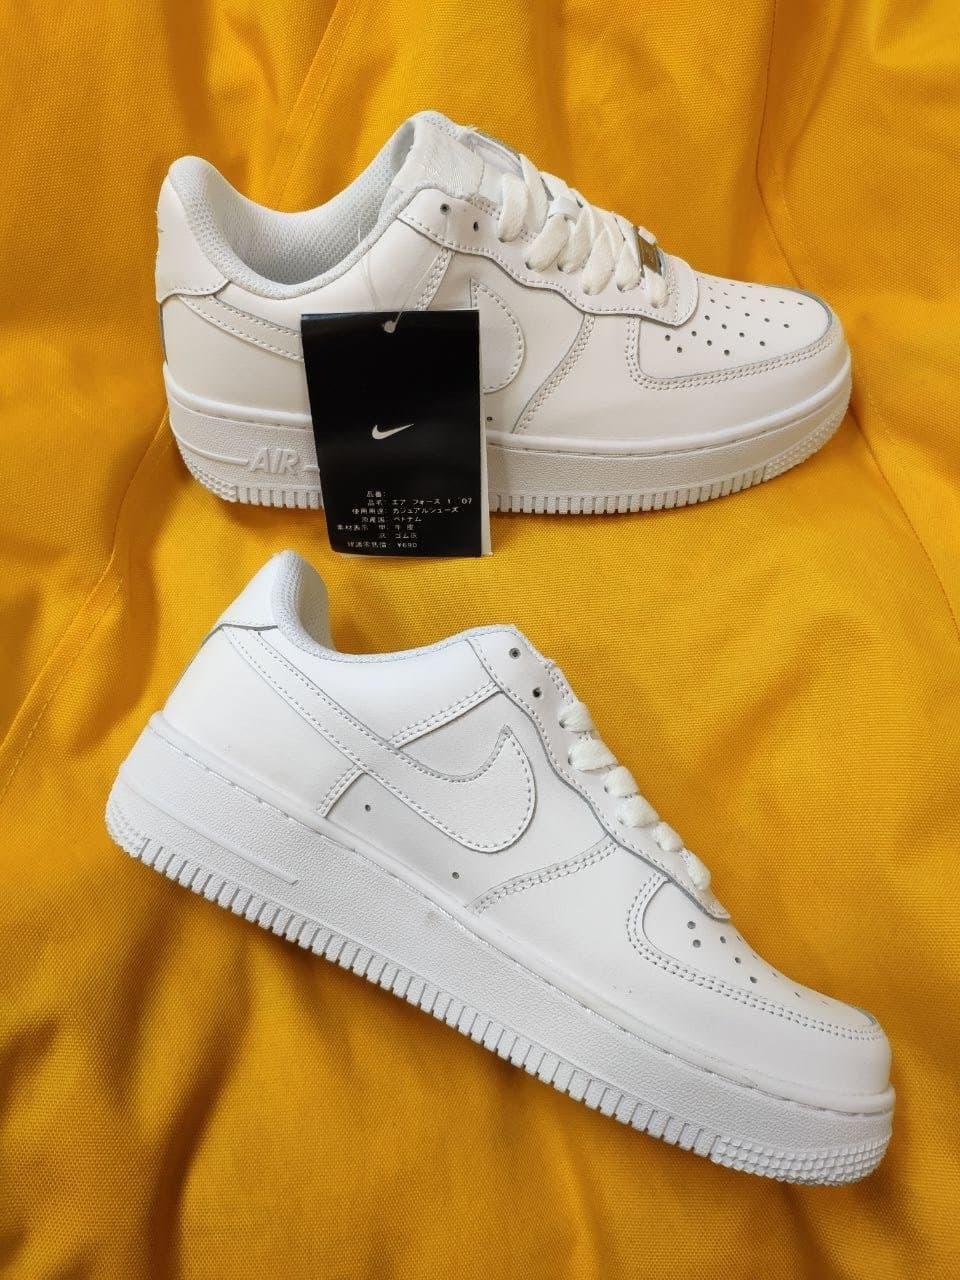 Женские кроссовки Nike Air Force Low White (белые) D94 модные кожаные кроссы